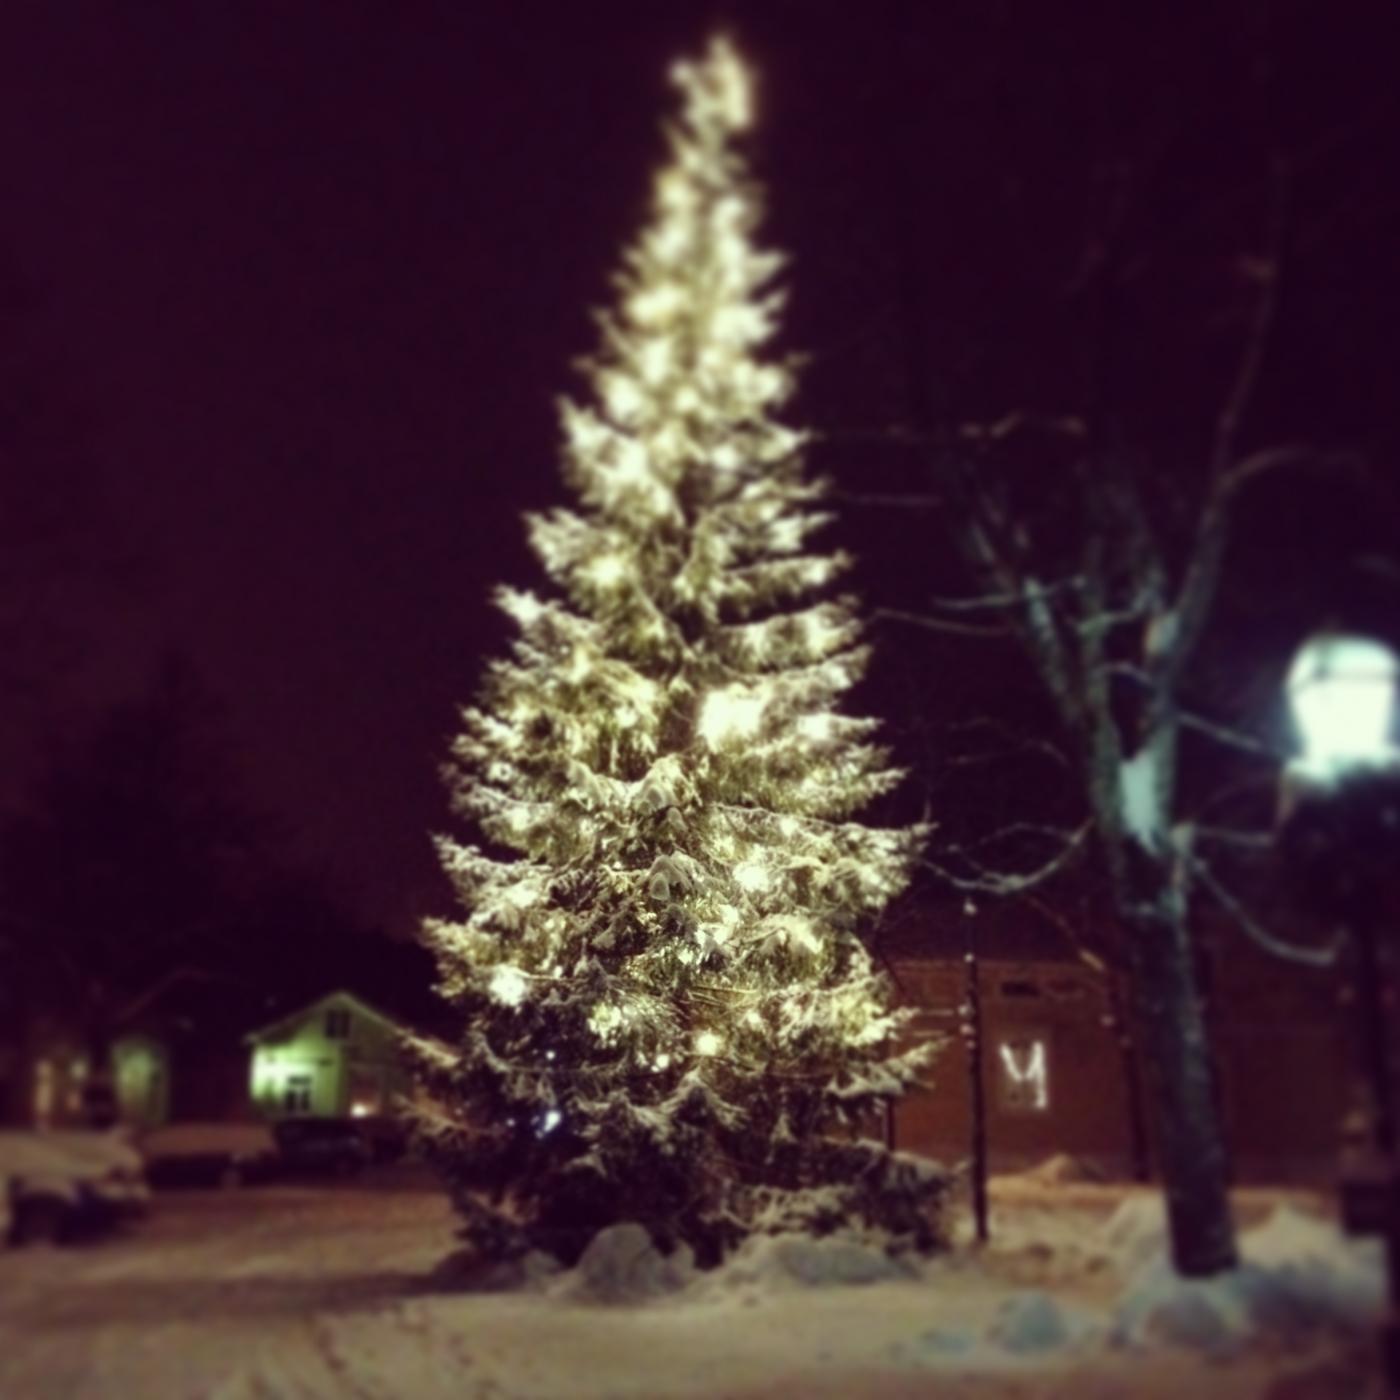 2012-12-25_18.39.28.jpg